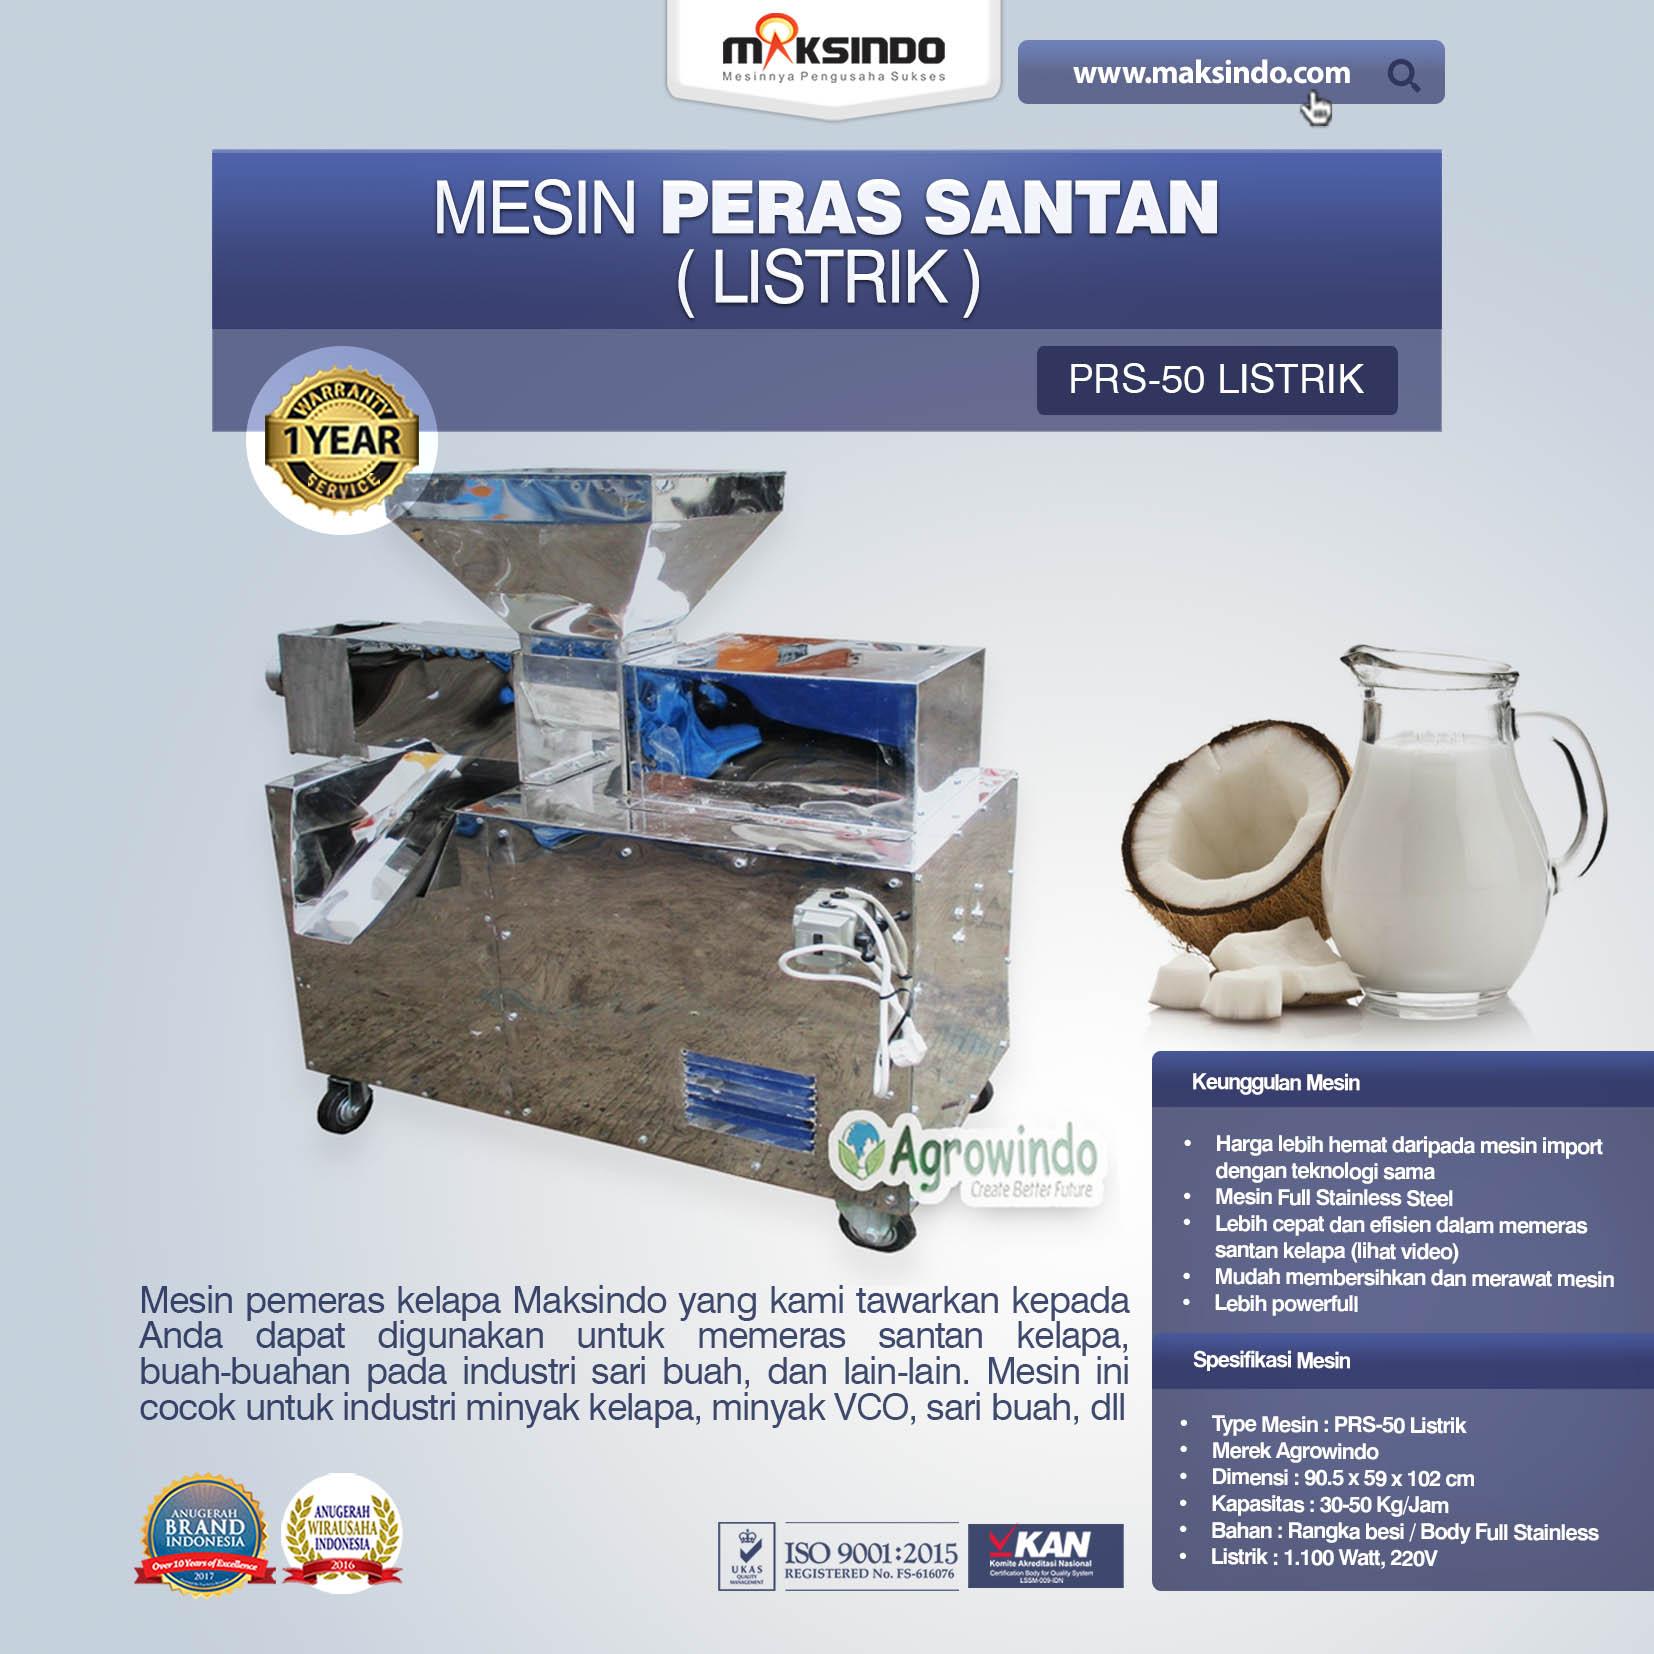 Jual Mesin Pemeras Santan Manual dan Listrik di Jakarta